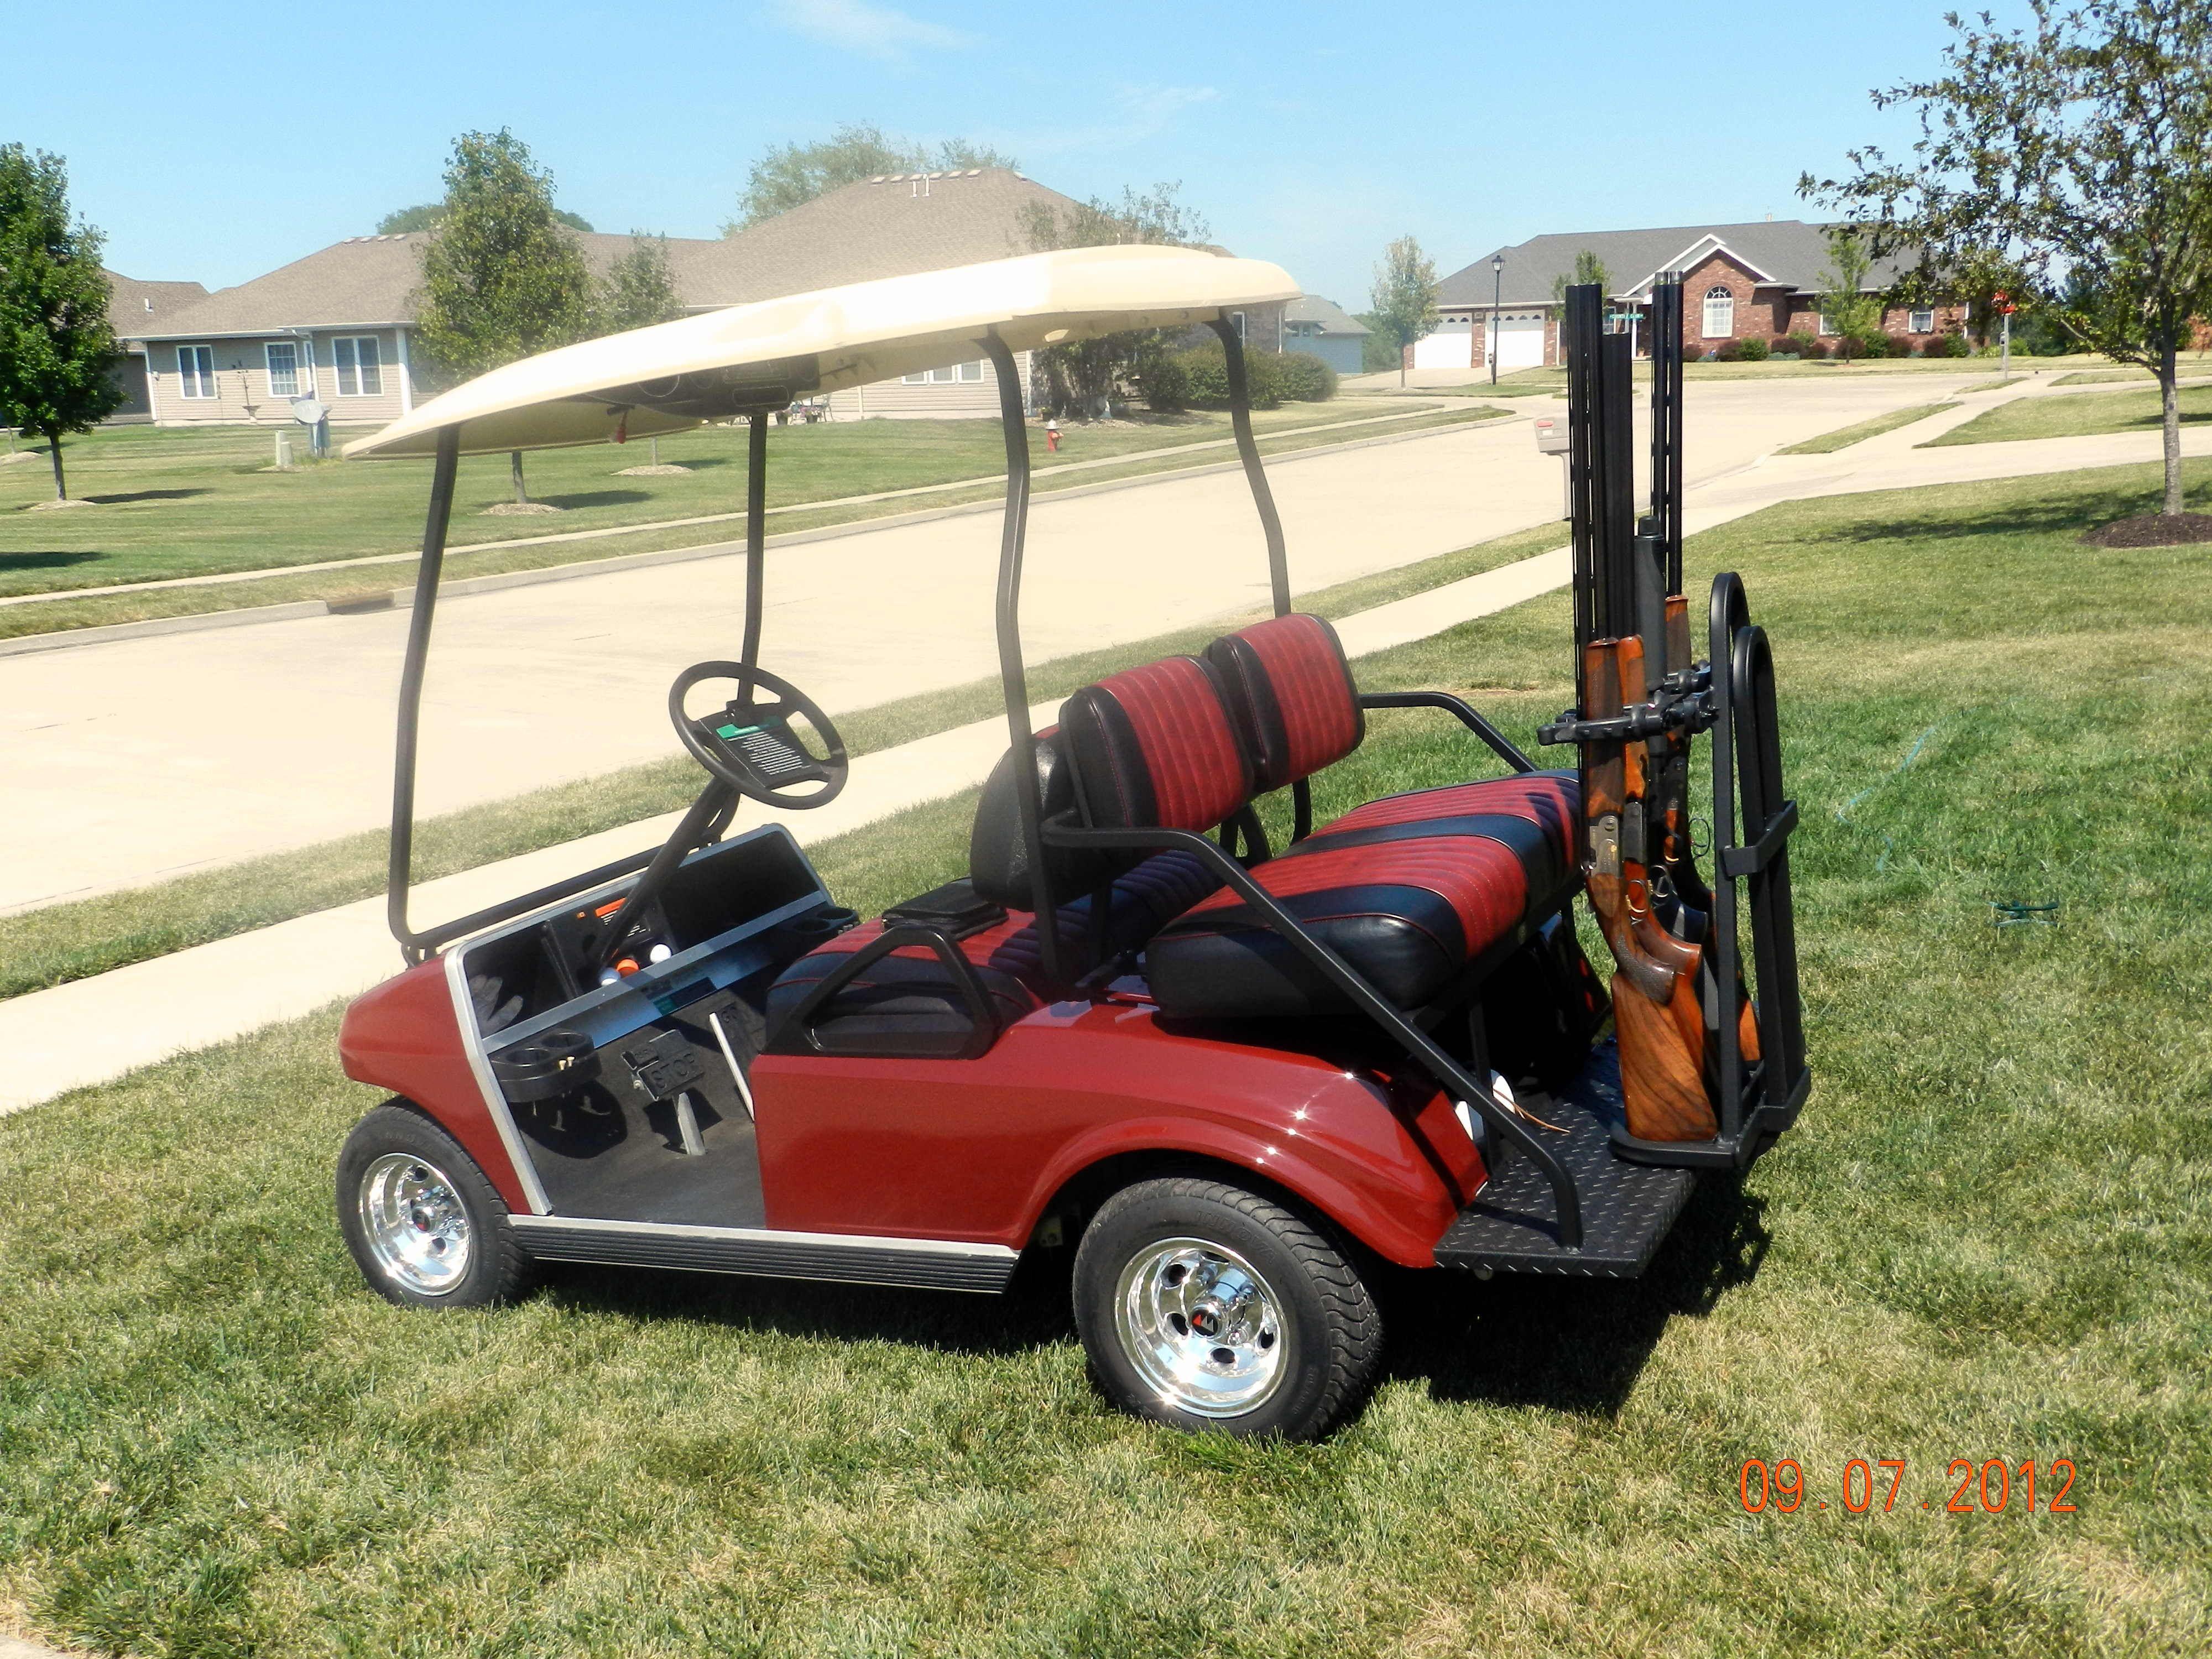 Ds 4 Passenger Golf Car With Gun Rack Golf Cars Golf